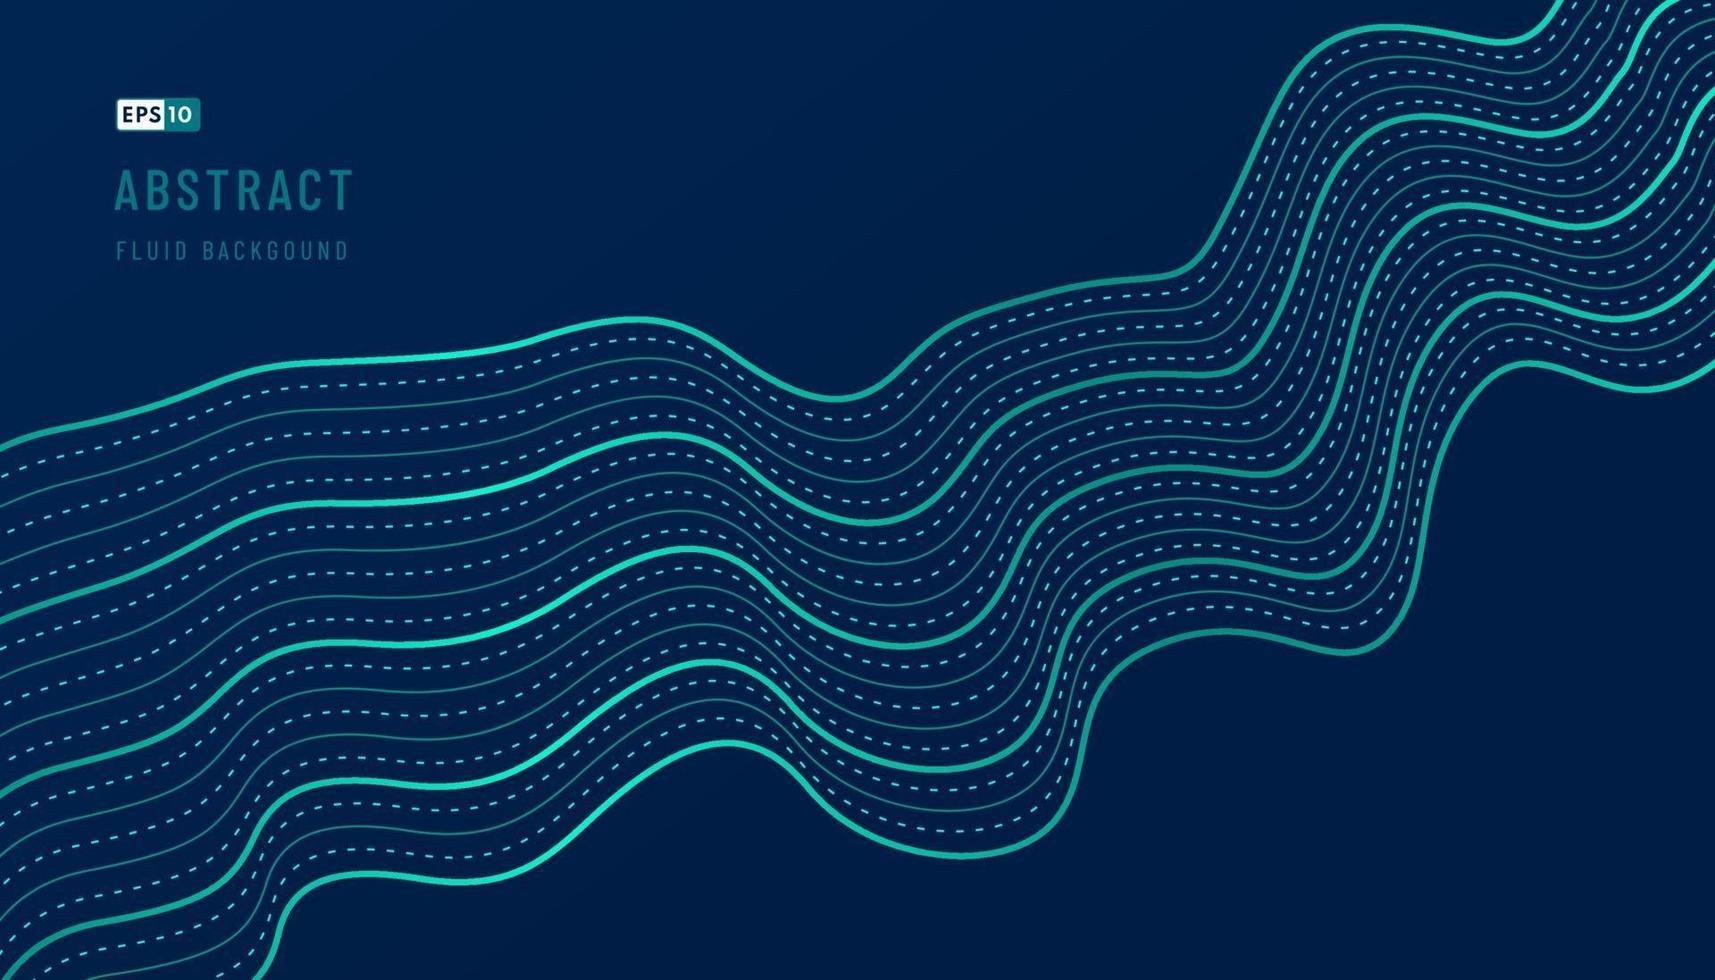 conception abstraite de motif ondulé vert et bleu d'arrière-plan du modèle d'illustration de décoration ondulée avec espace de copie. concept technologique futuriste. mouvement de style dynamique sonore. illustration vectorielle vecteur